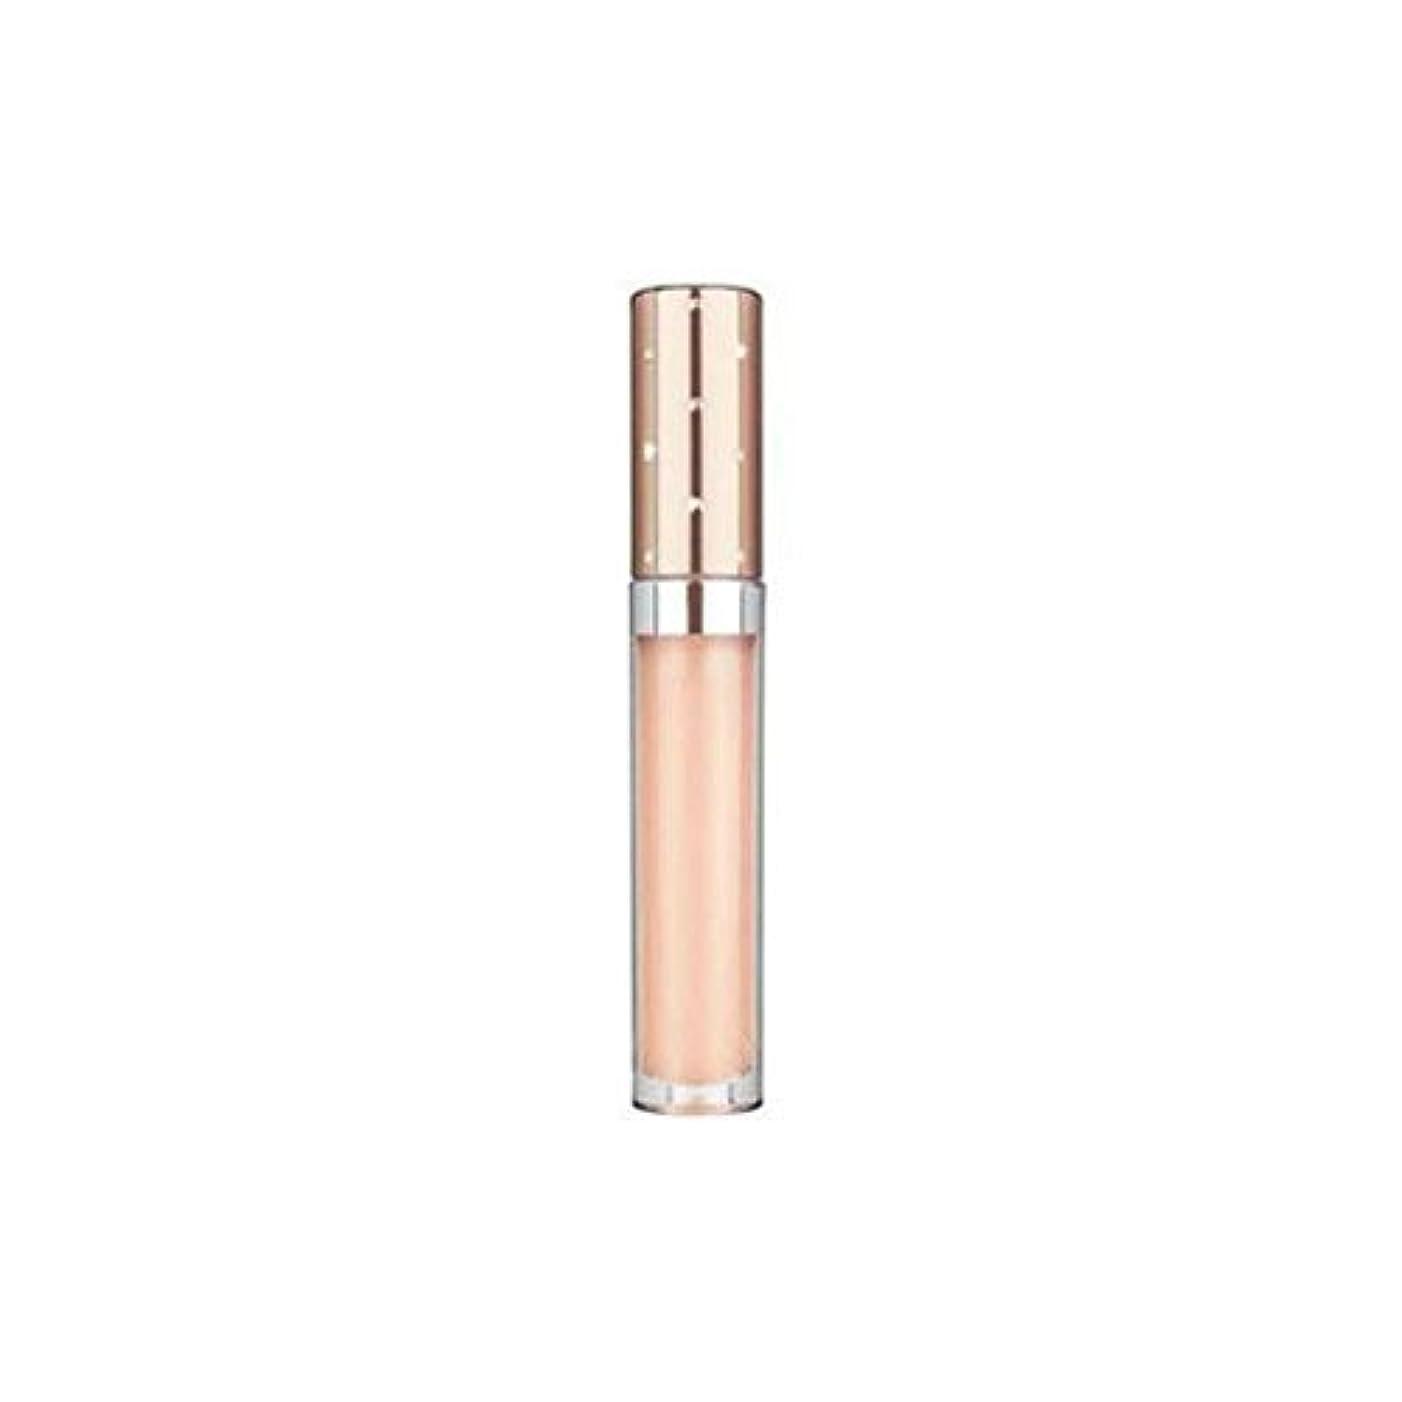 拡散する地獄うまNubo Instant Lip Perfection Spf15 (5ml) (Pack of 6) - インスタントリップパーフェクション15(5ミリリットル) x6 [並行輸入品]